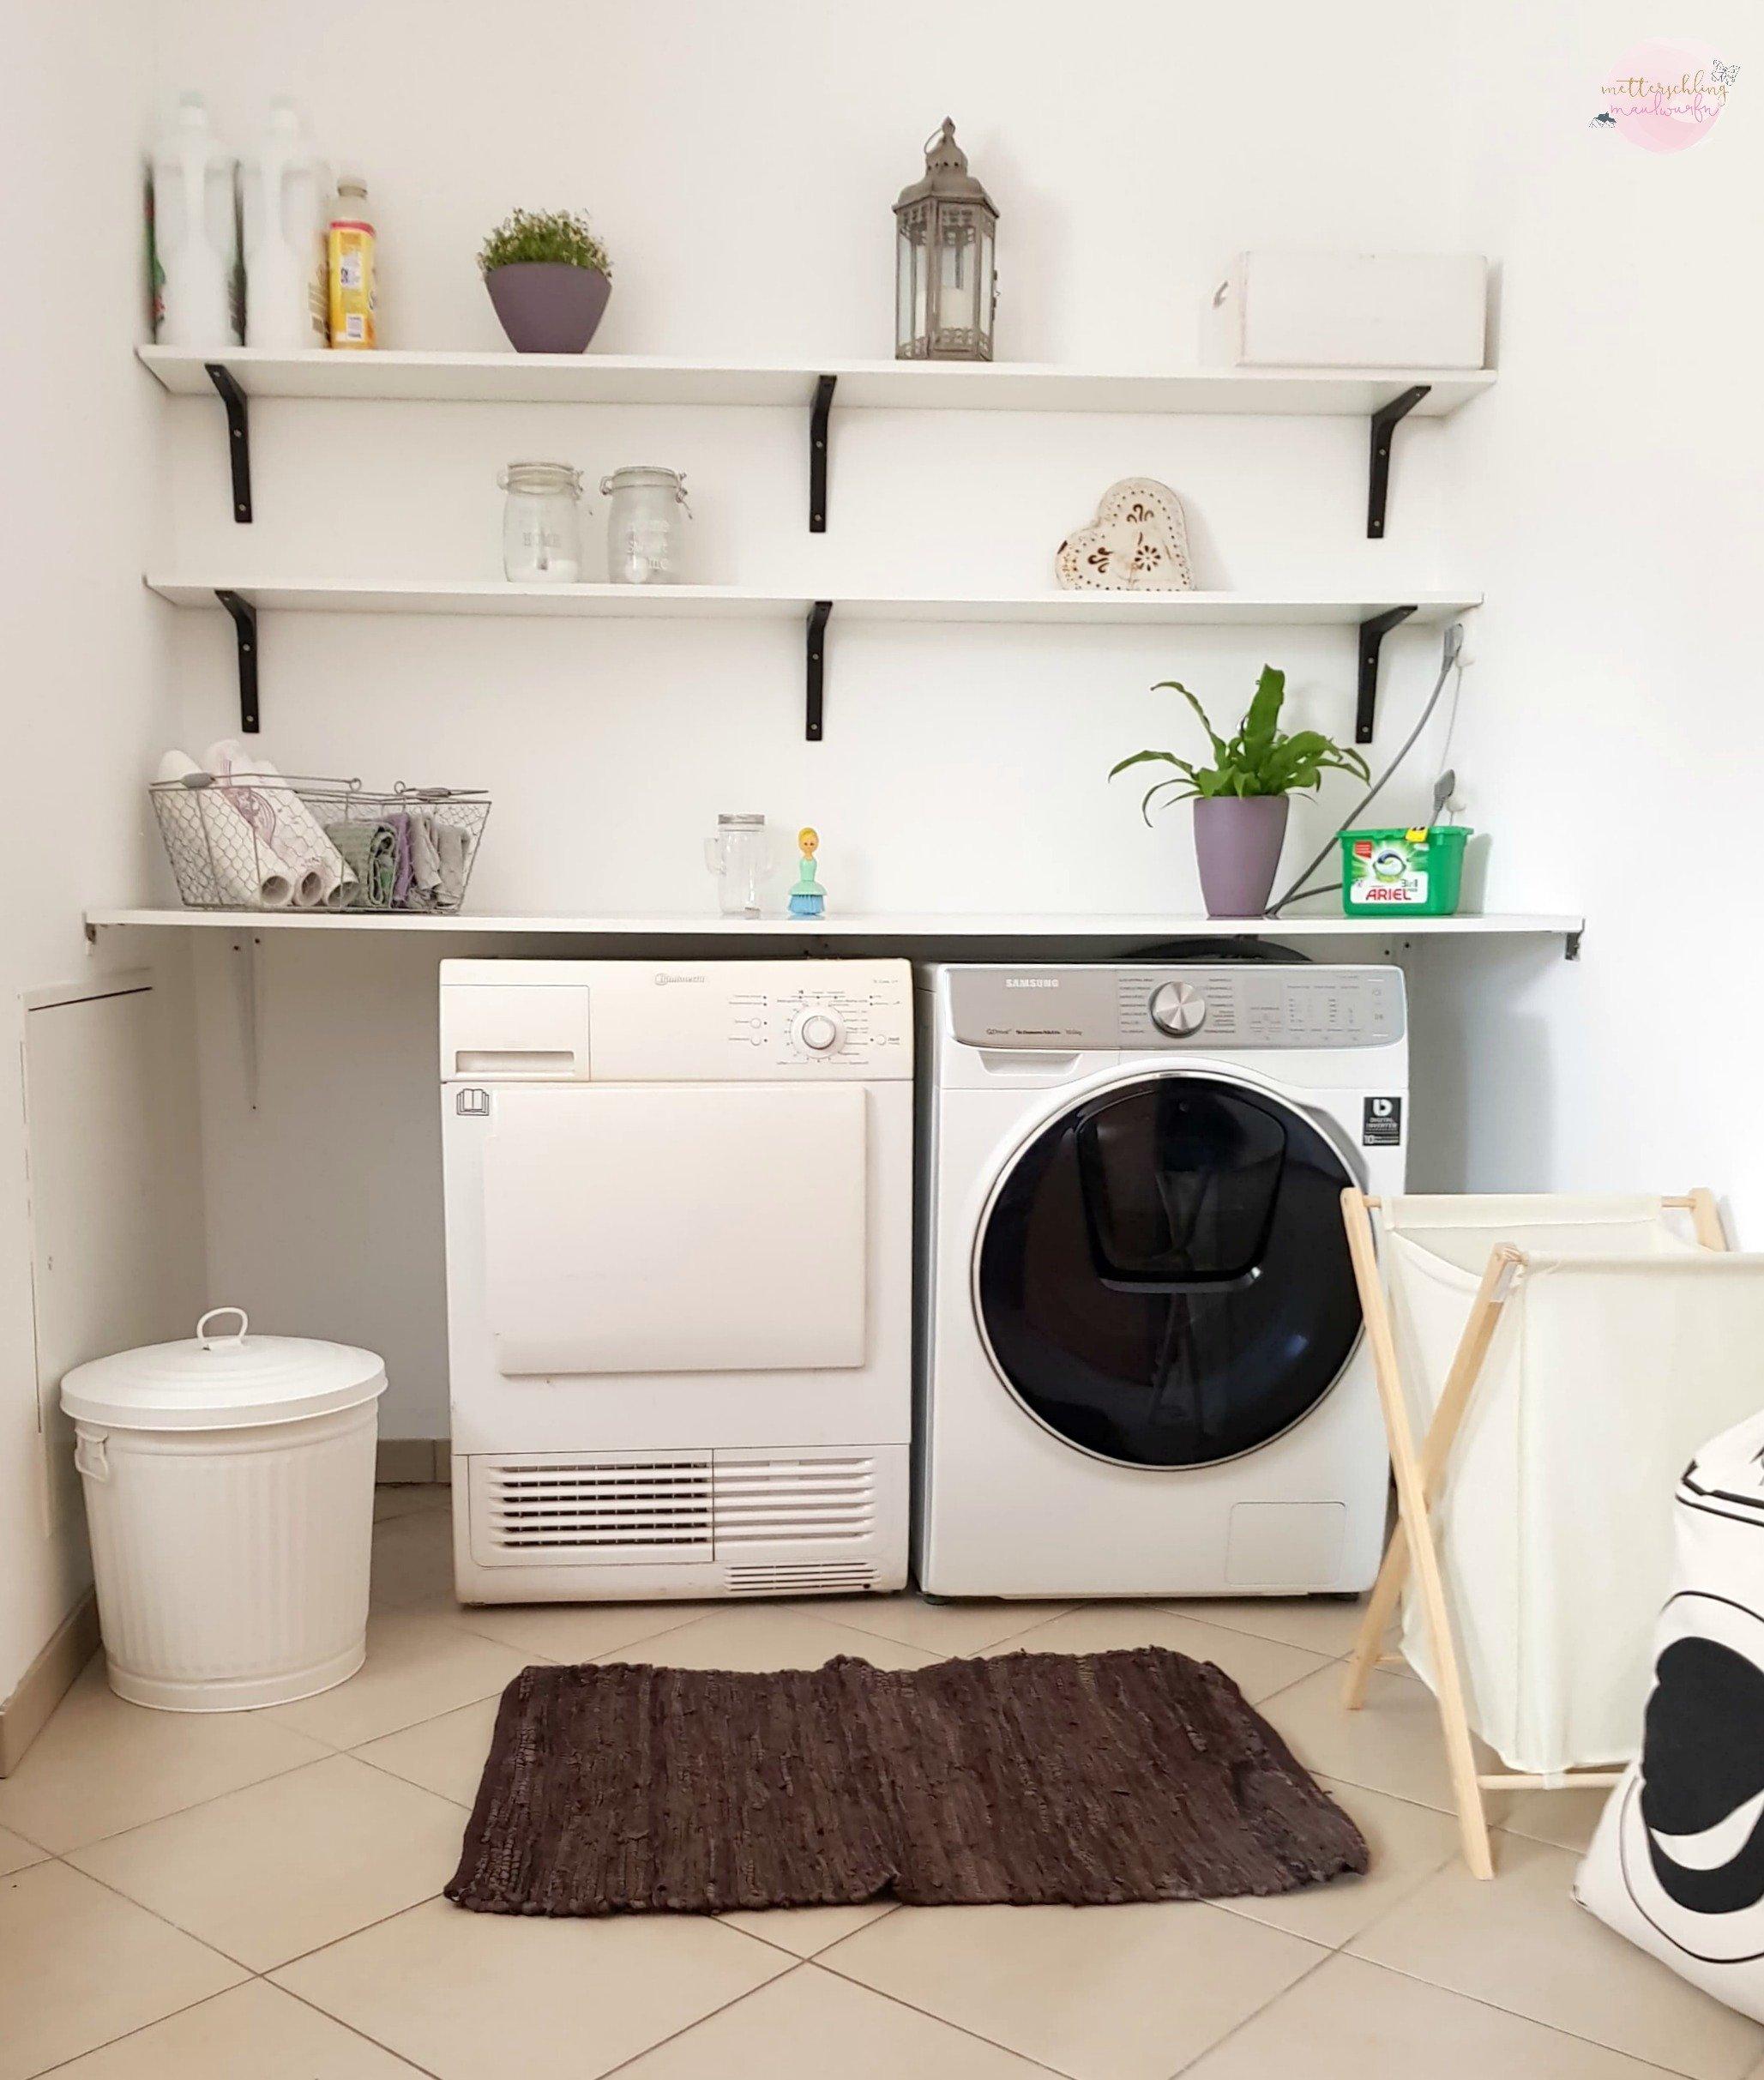 Schritt für Schritt – oder: Wie ich den Wäscheberg besiege